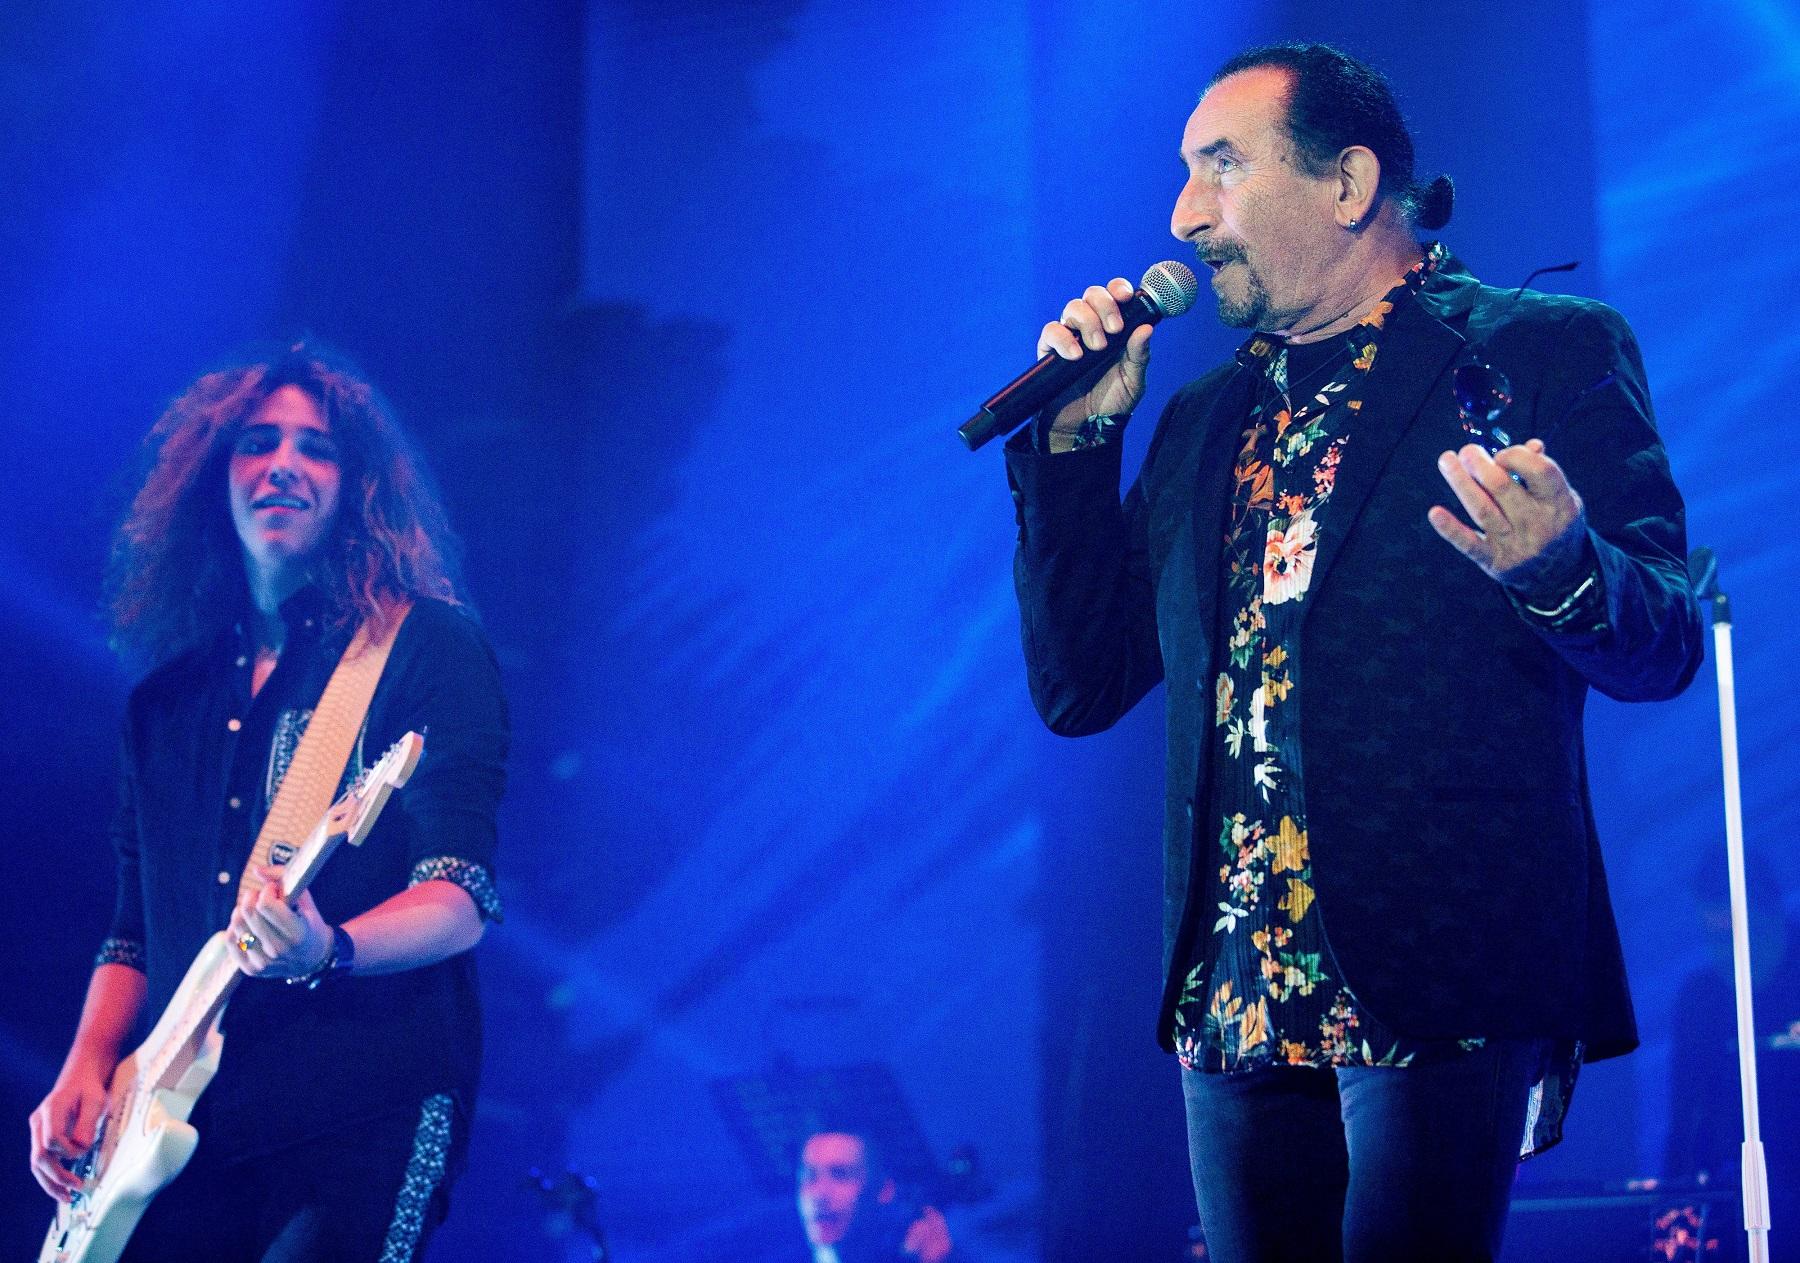 Split, 211219.  Spaladium Arena. Zeljko Bebek odrzao koncert  pred punom dvoranom splitske Arene.  Foto: Sasa Buric / CROPIX